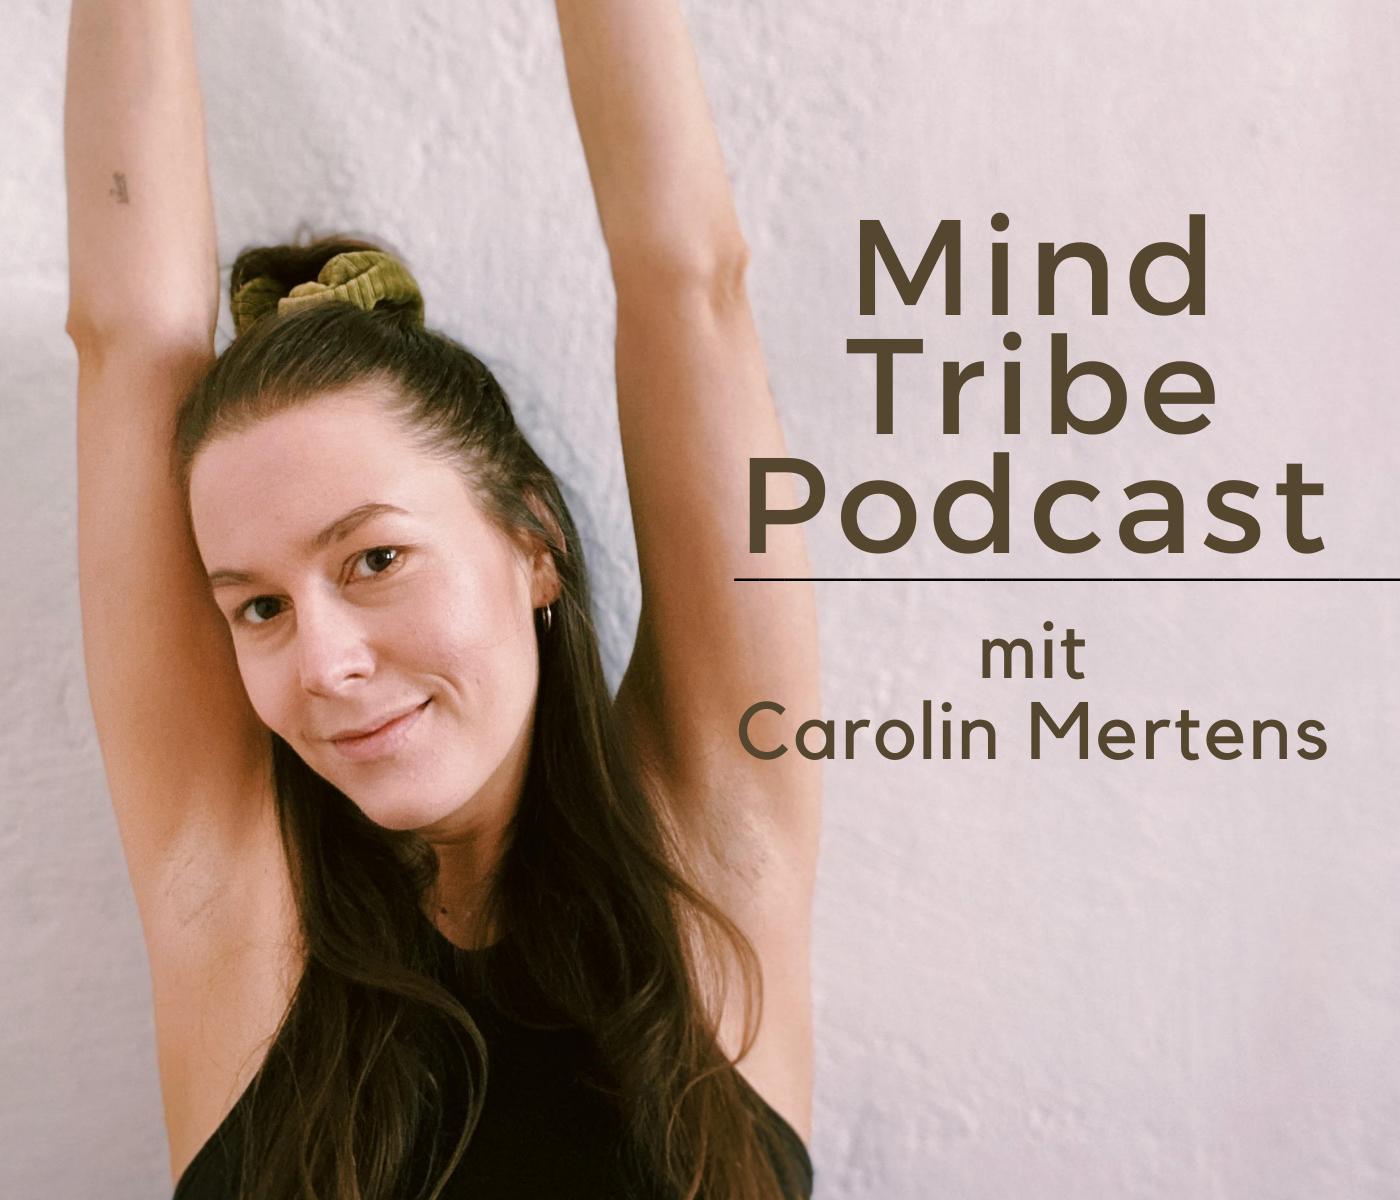 Mind Tribe Podcast für Gesundheit und Heilung mit Carolin Mertens